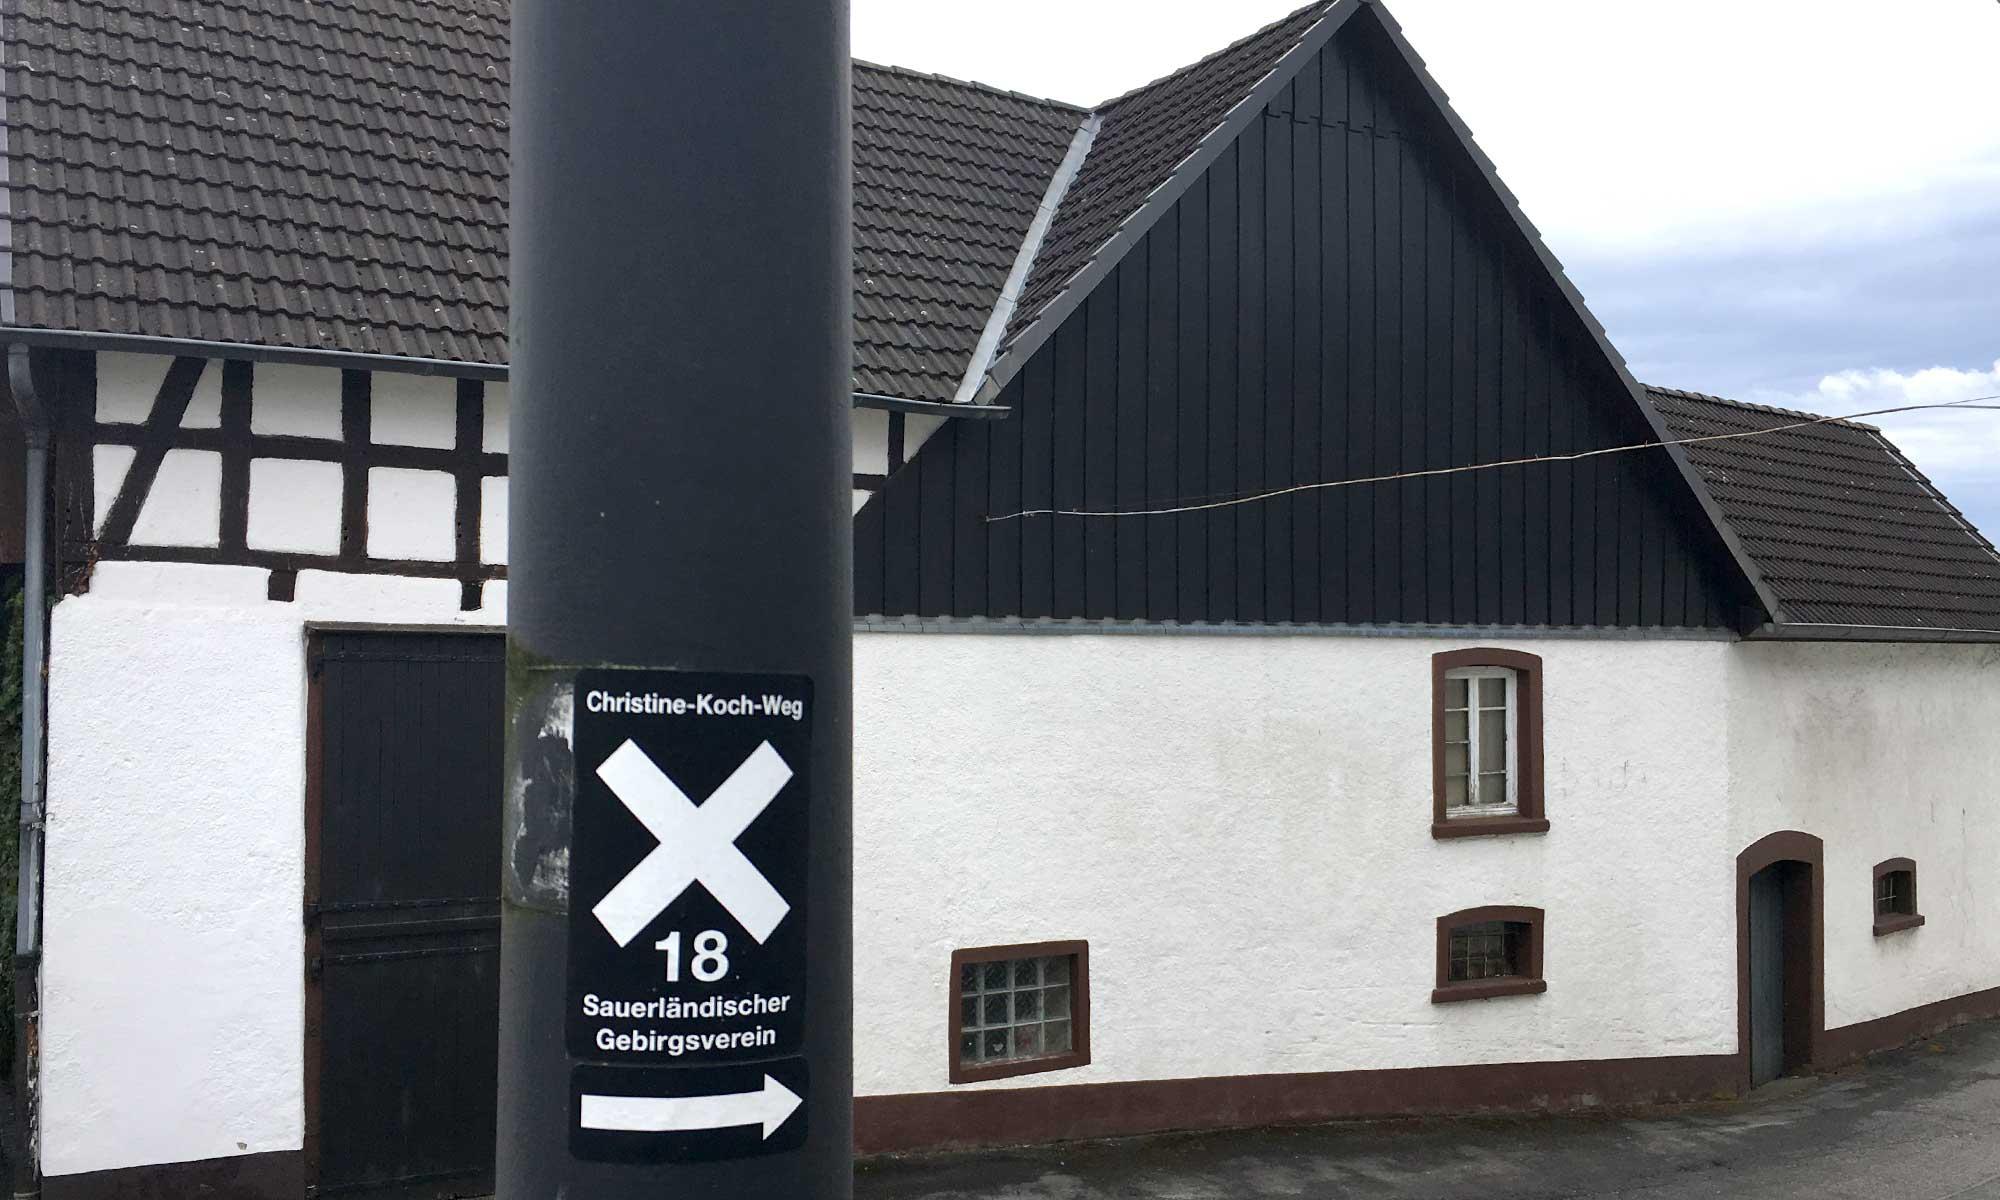 Langenholthausen Wegmarkierung Christine Koch Weg